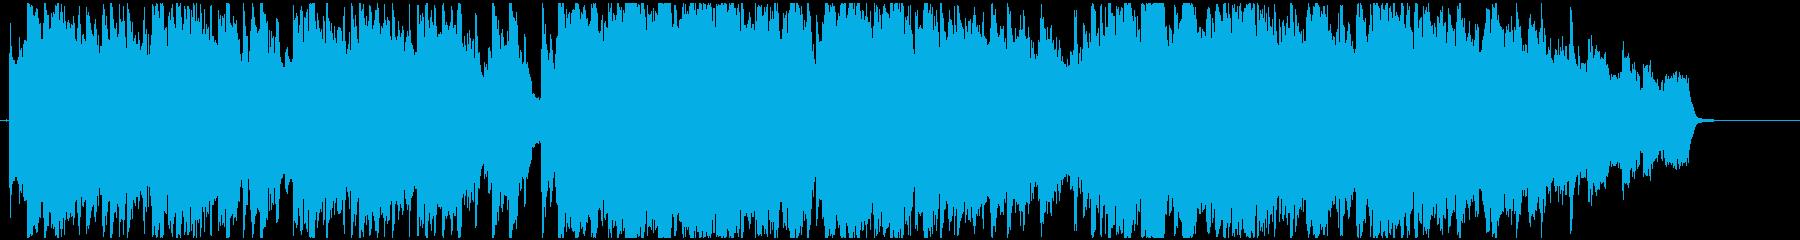 感動的な場面で使えるストリングスメロディの再生済みの波形